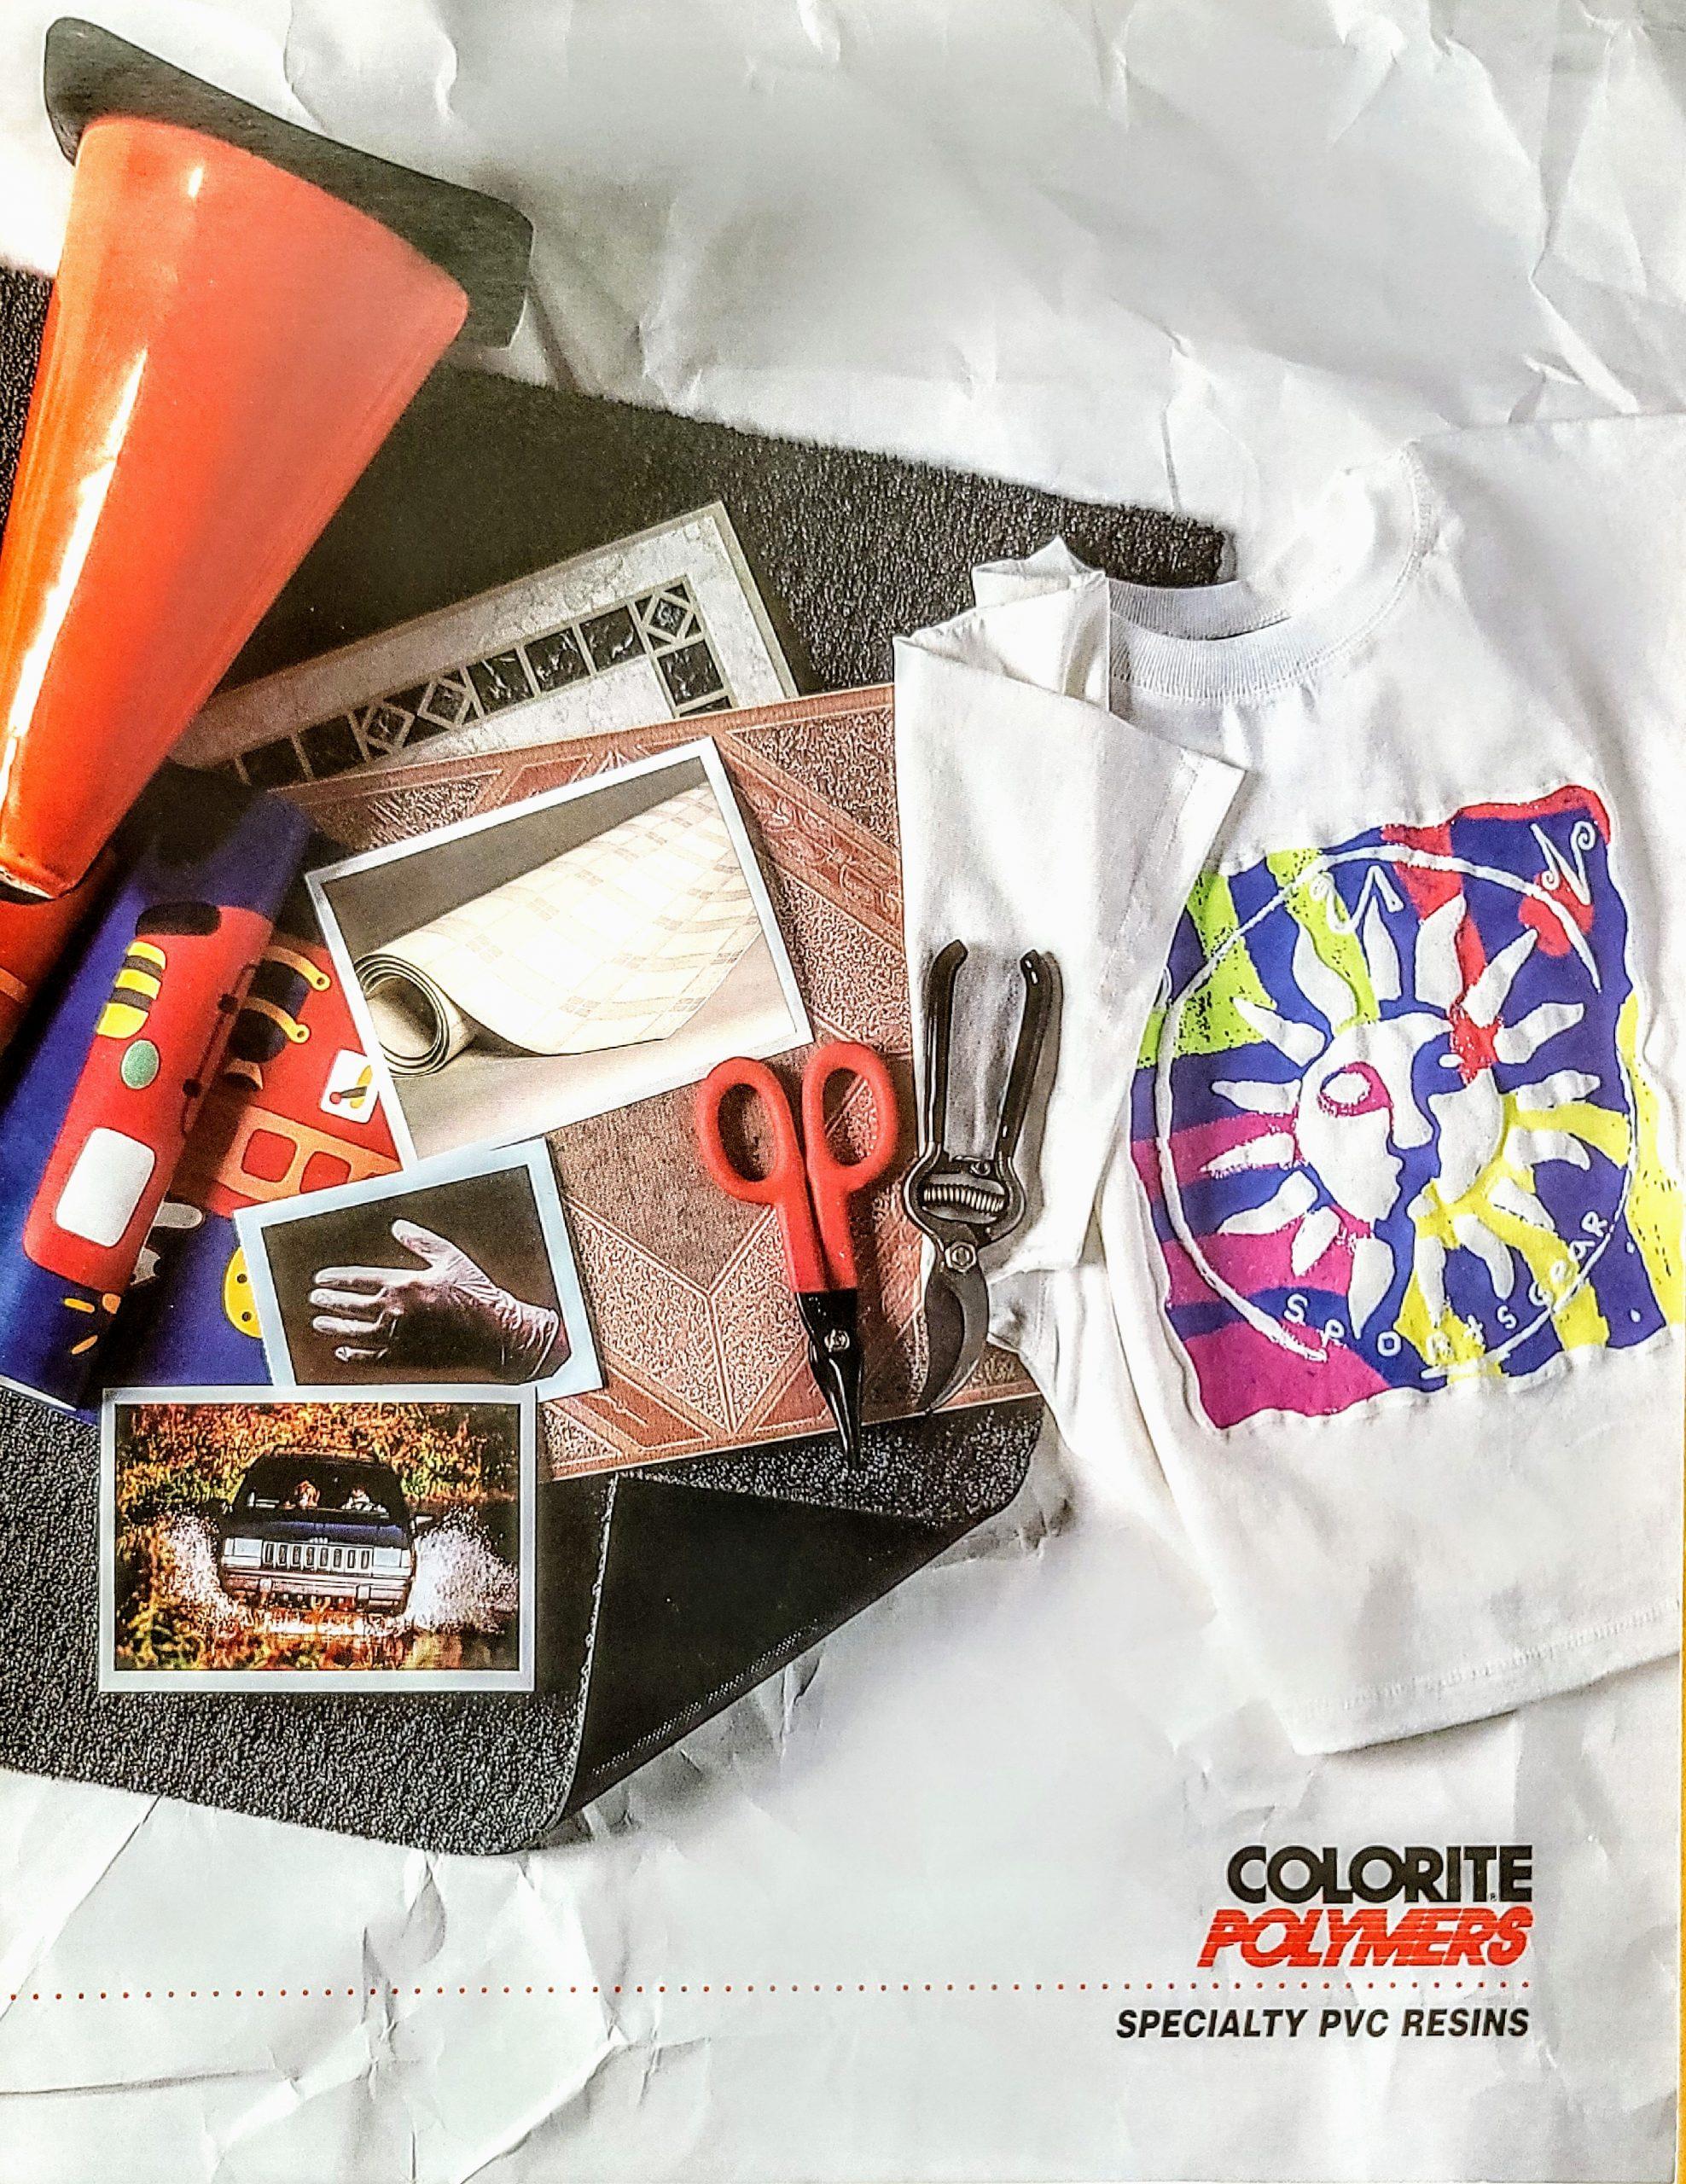 colorite_pvc resins_4